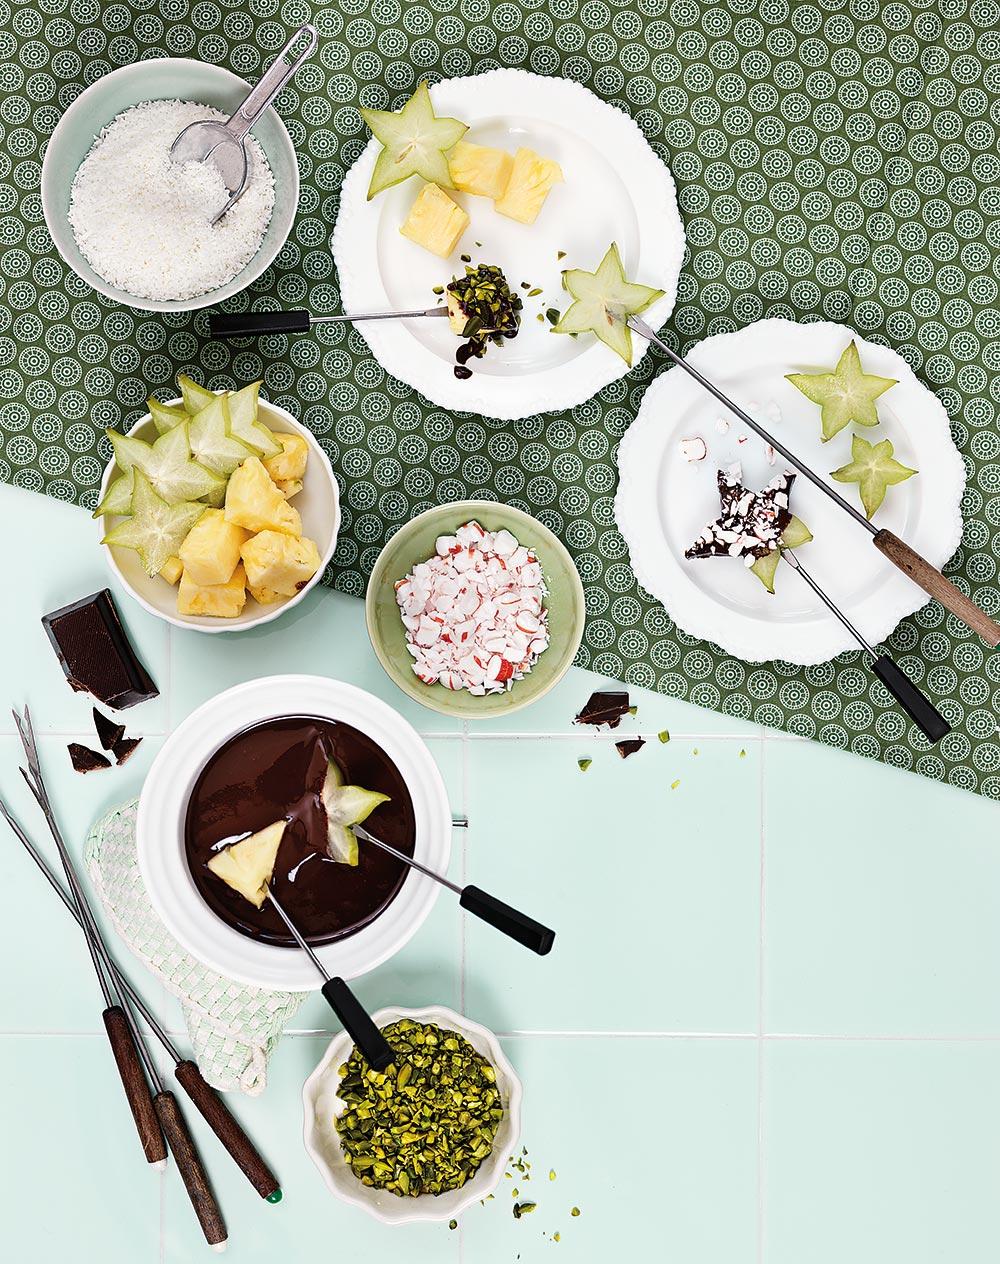 Chokladfondue med exotisk frukt och strössel